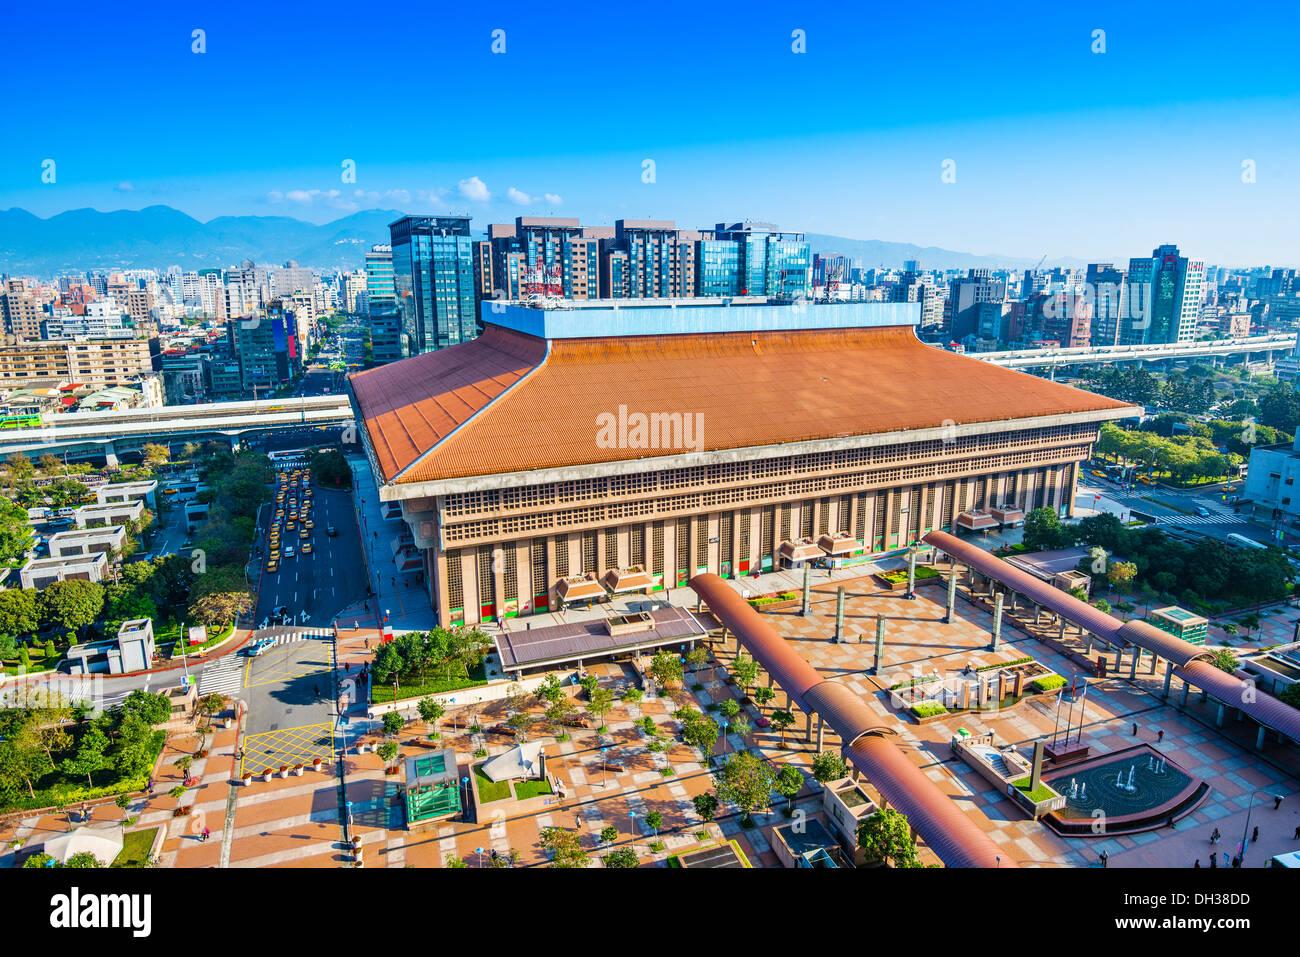 La gare principale de Taipei dans l'Zhongzheng District de Taipei, Taiwan. Photo Stock